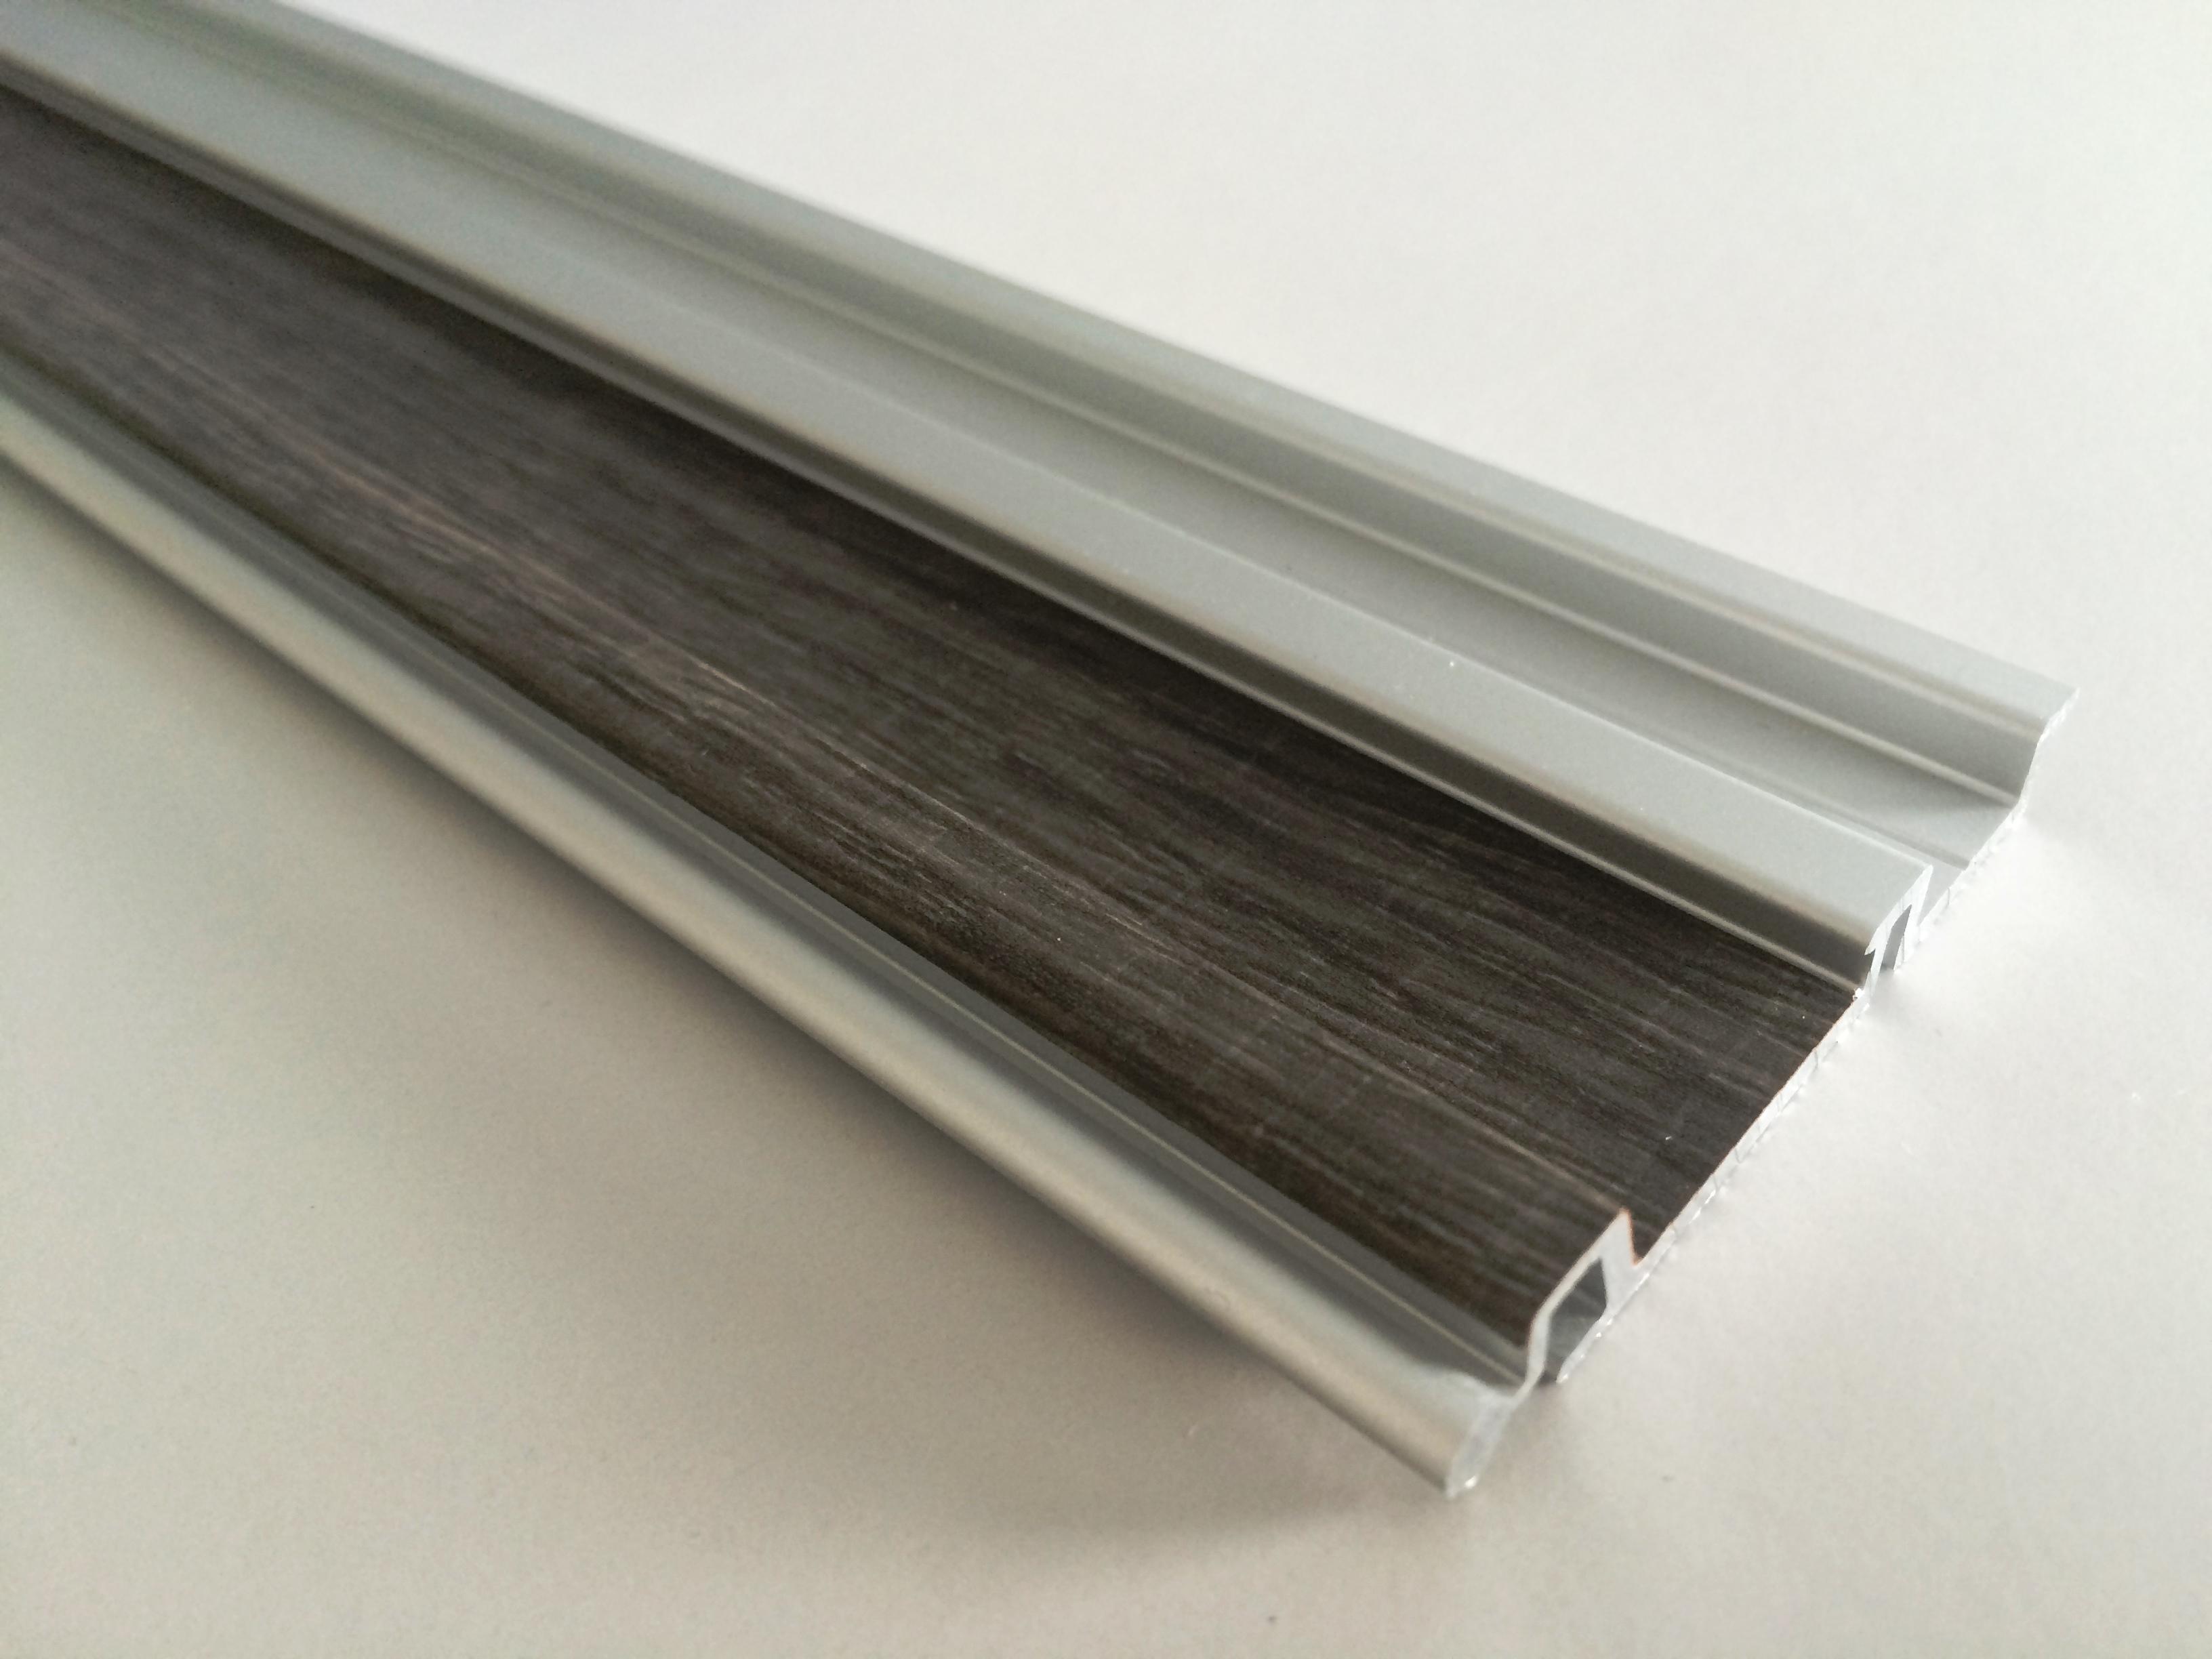 Kröning PVC Folien für Schubkaten Zargen